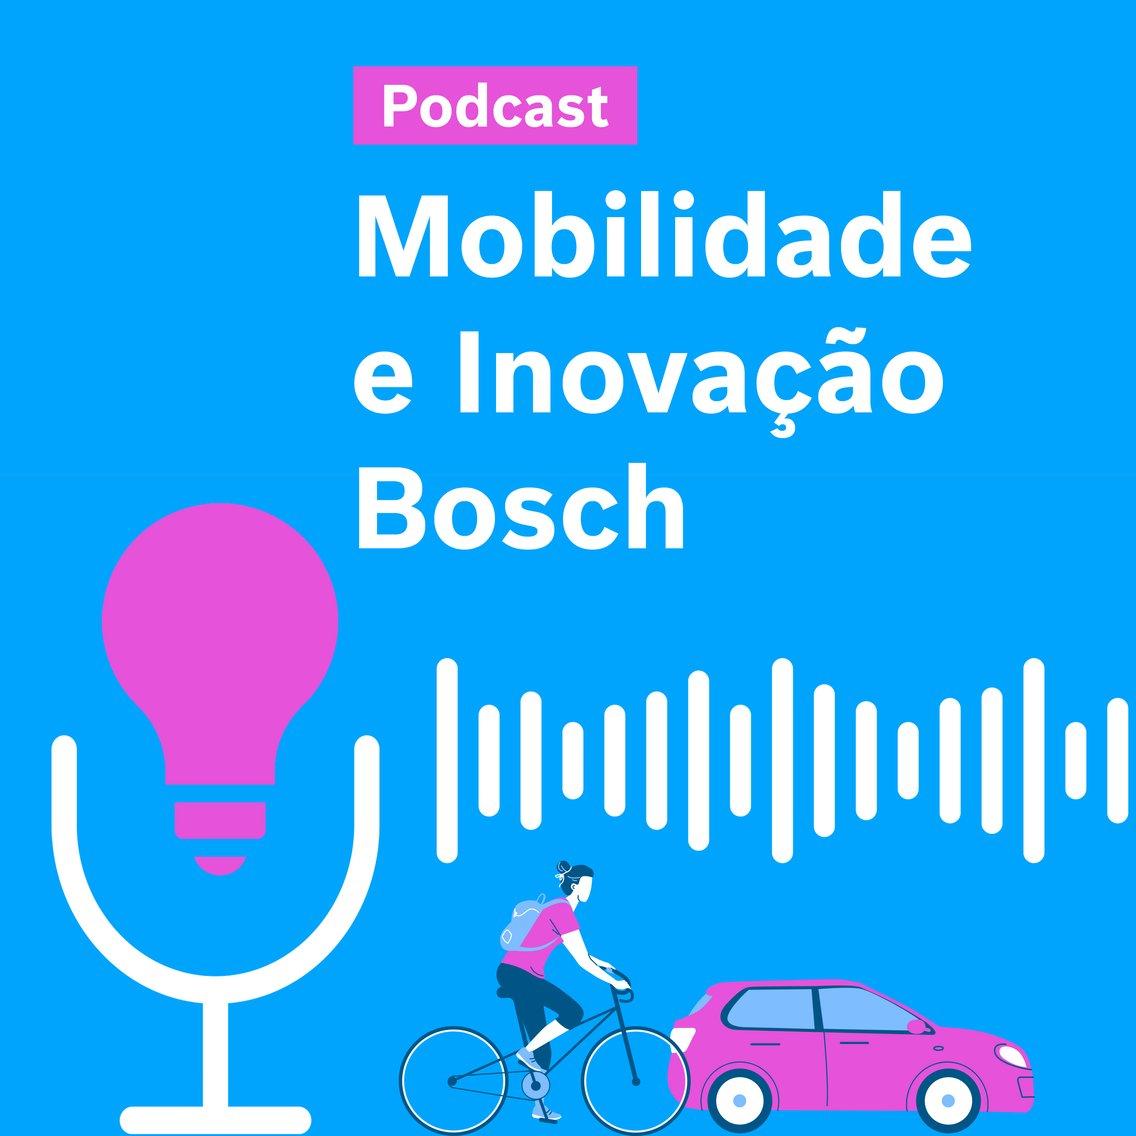 Mobilidade e Inovação Bosch - Cover Image